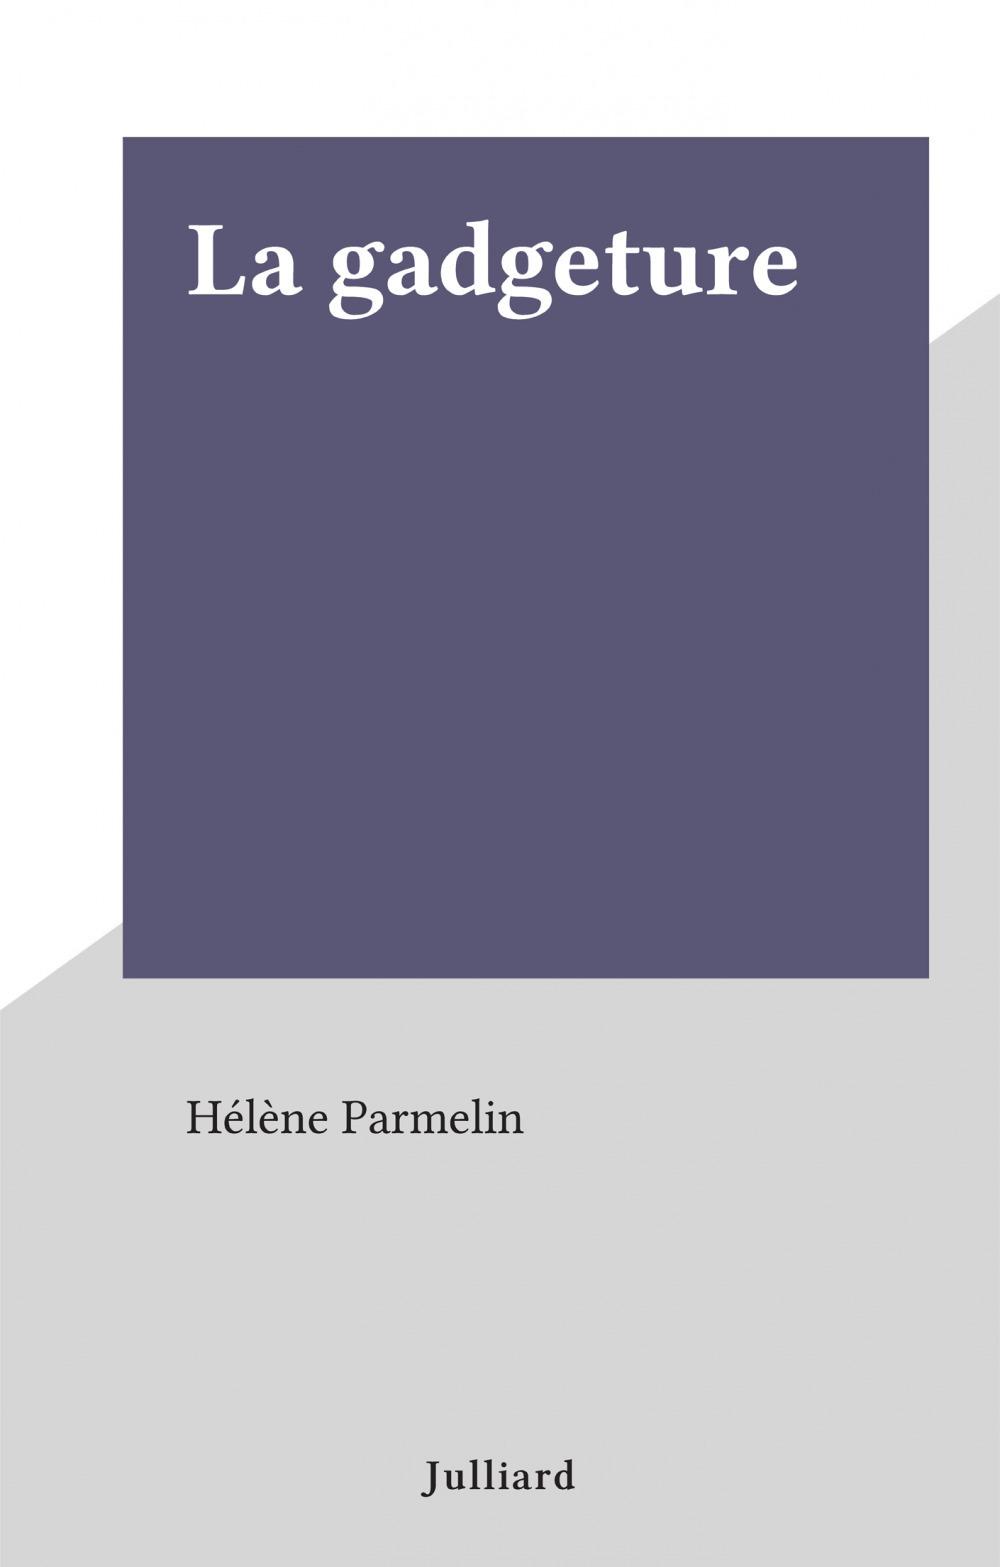 La gadgeture  - Hélène Parmelin